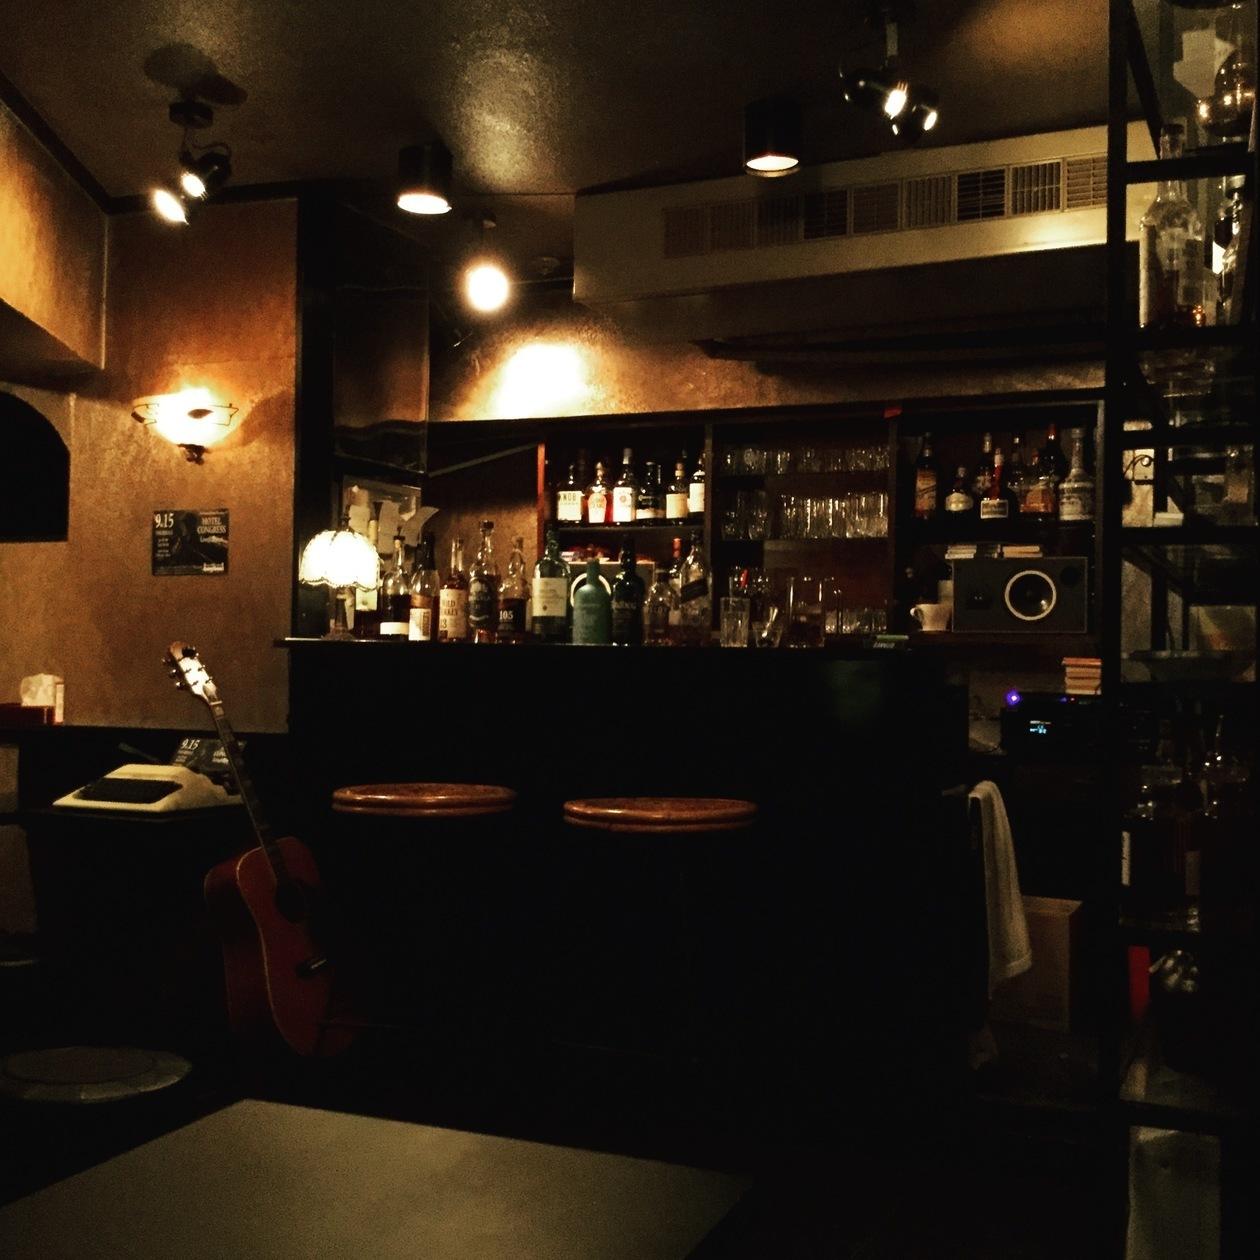 格安で使えるアクセス良好のカフェバー 秋葉原・神田・淡路町 土日でも1時間¥2500円 お荷物預かりで手ぶらで来れる!(Cafe and bar Shaun) の写真0